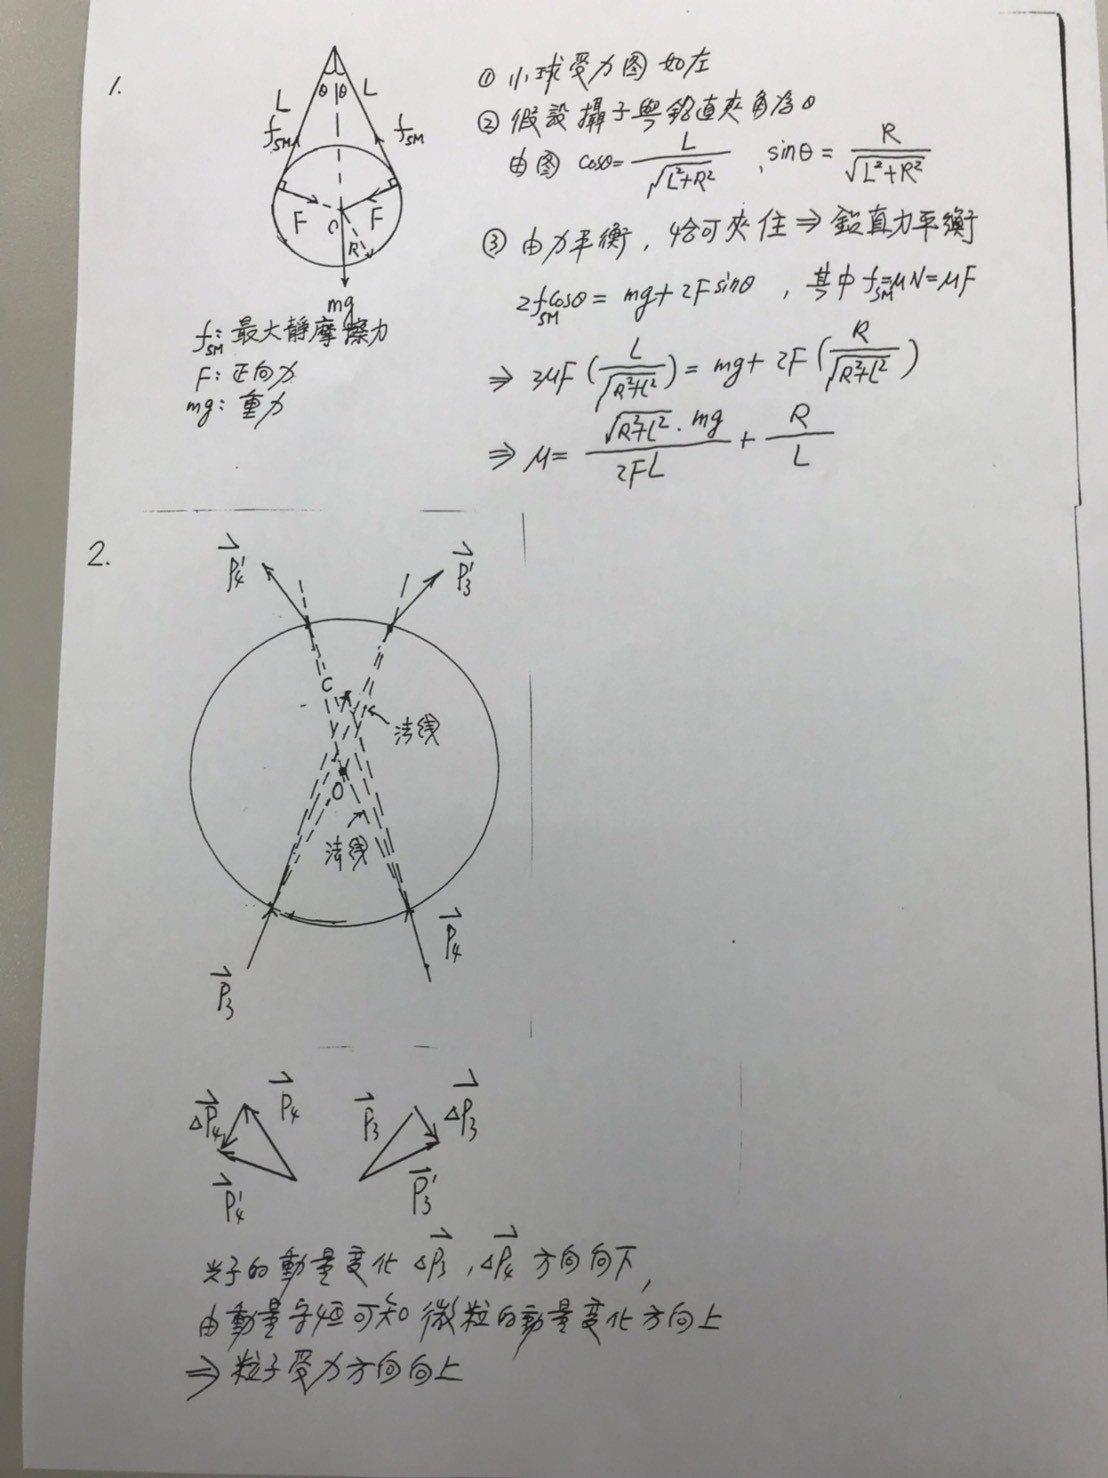 108指考 物理考科考這題 學生坦言有嚇到-108指考